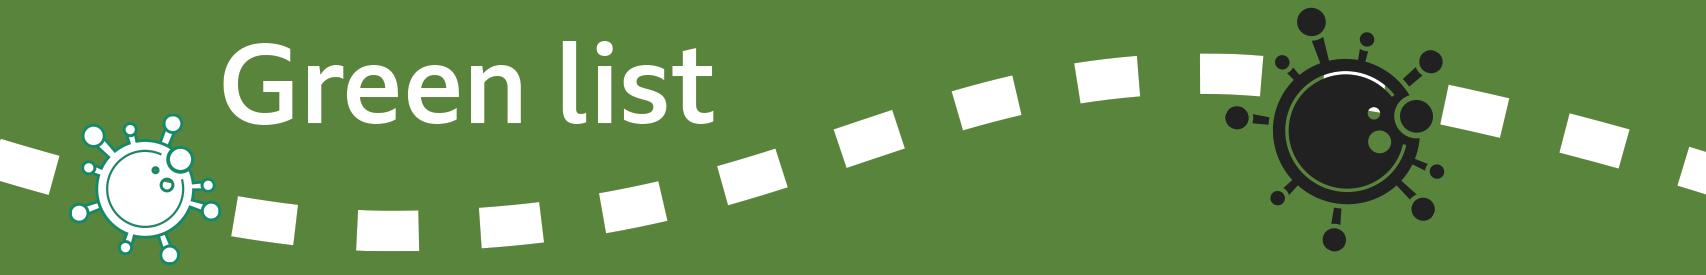 Banner de lista verde